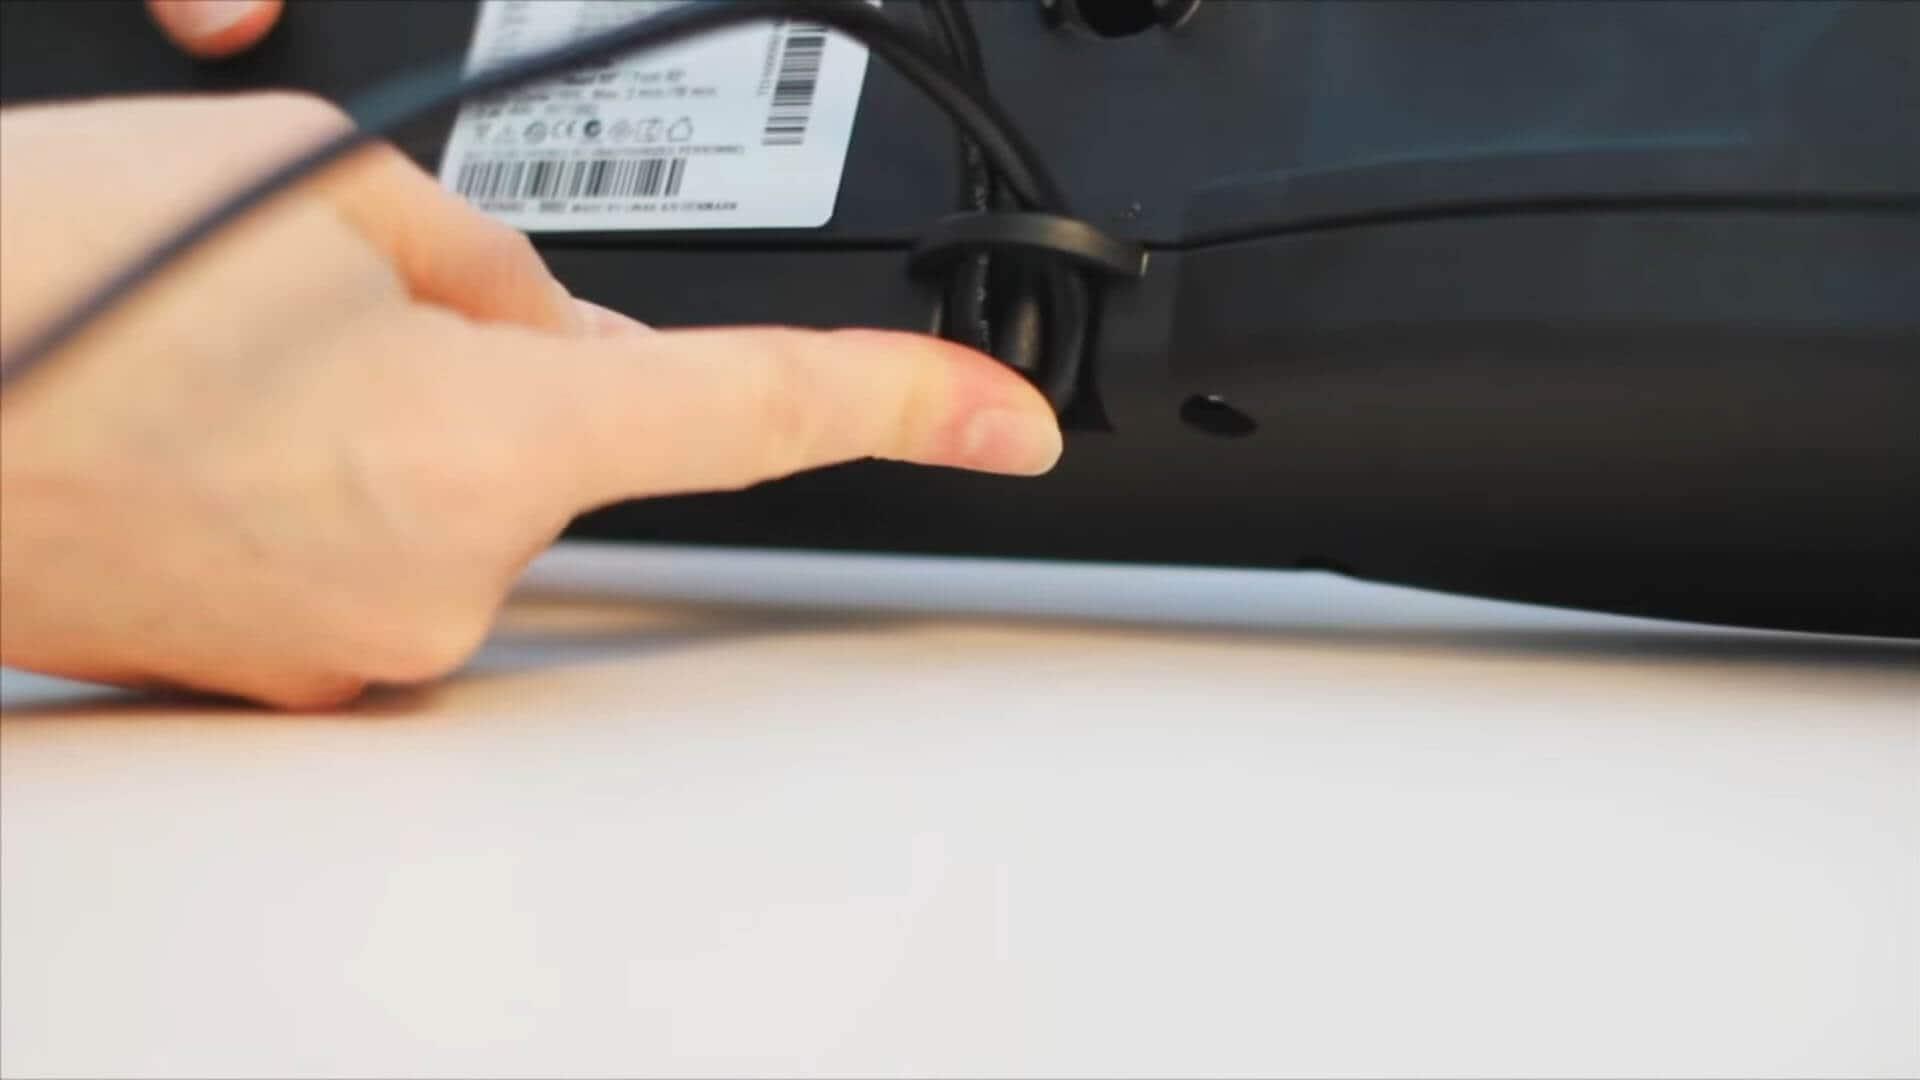 Passe-câble du TD1 280 SMPS LINAK